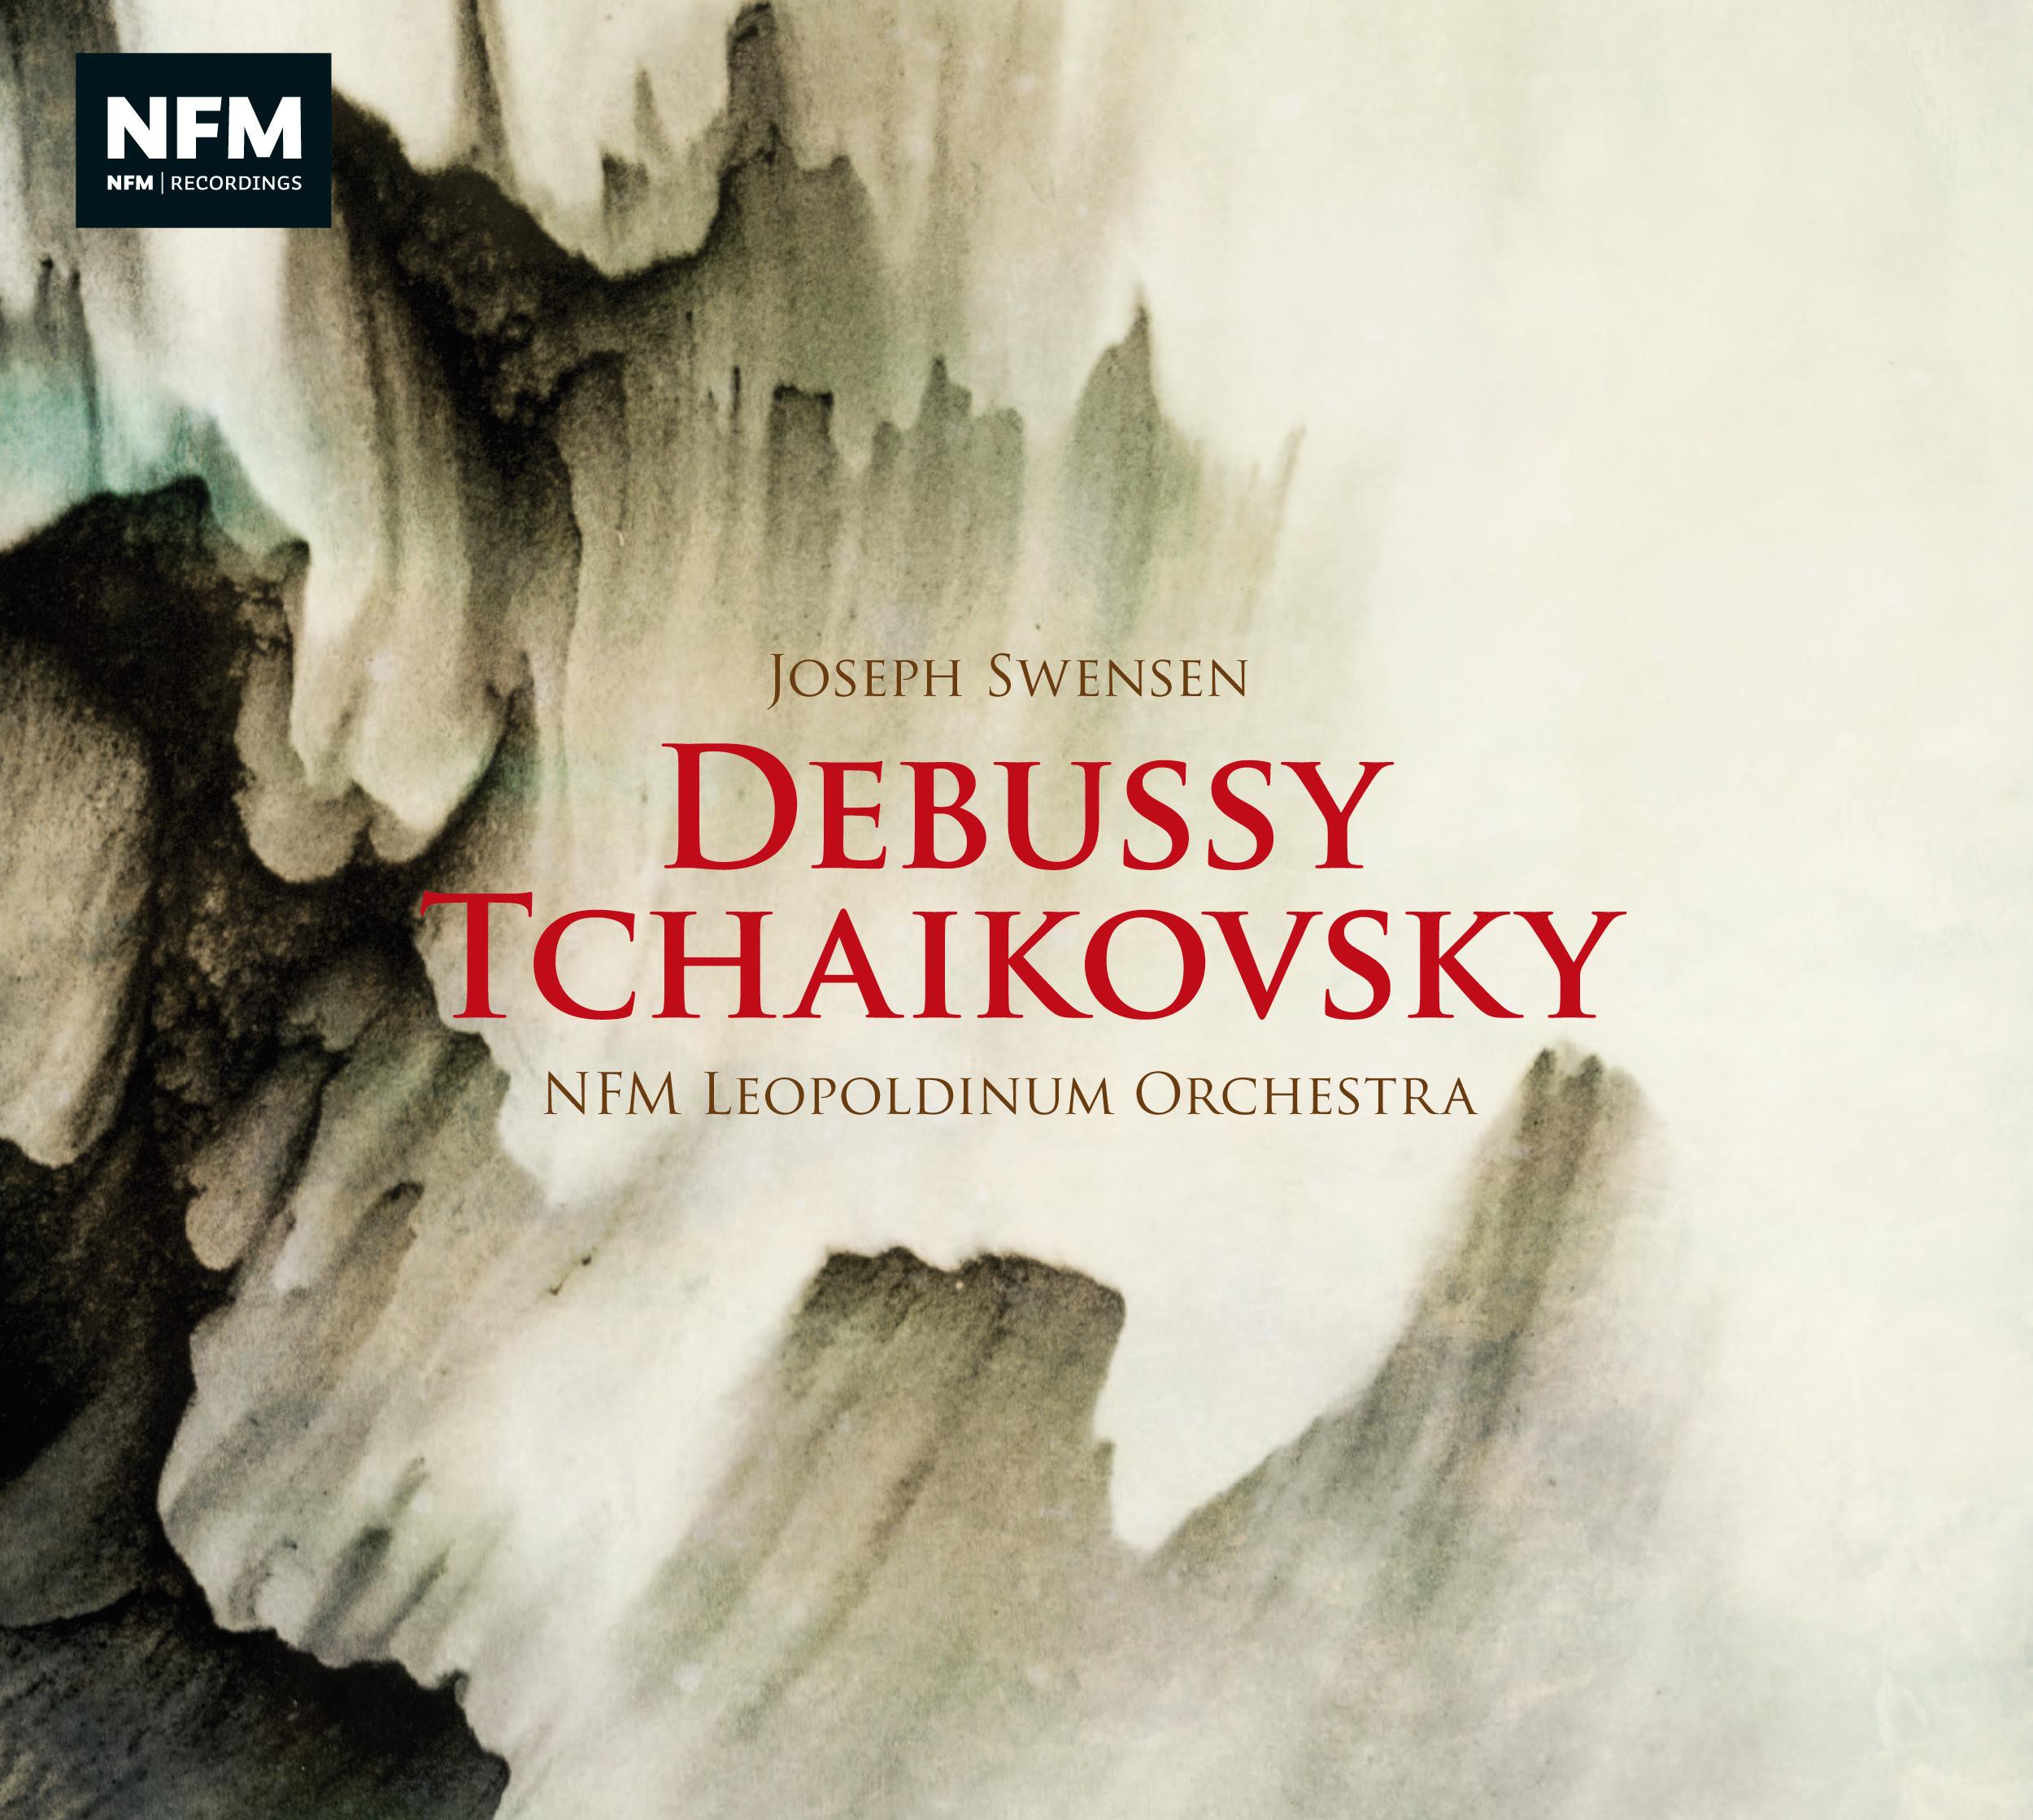 Debussy / Tchaikovsky